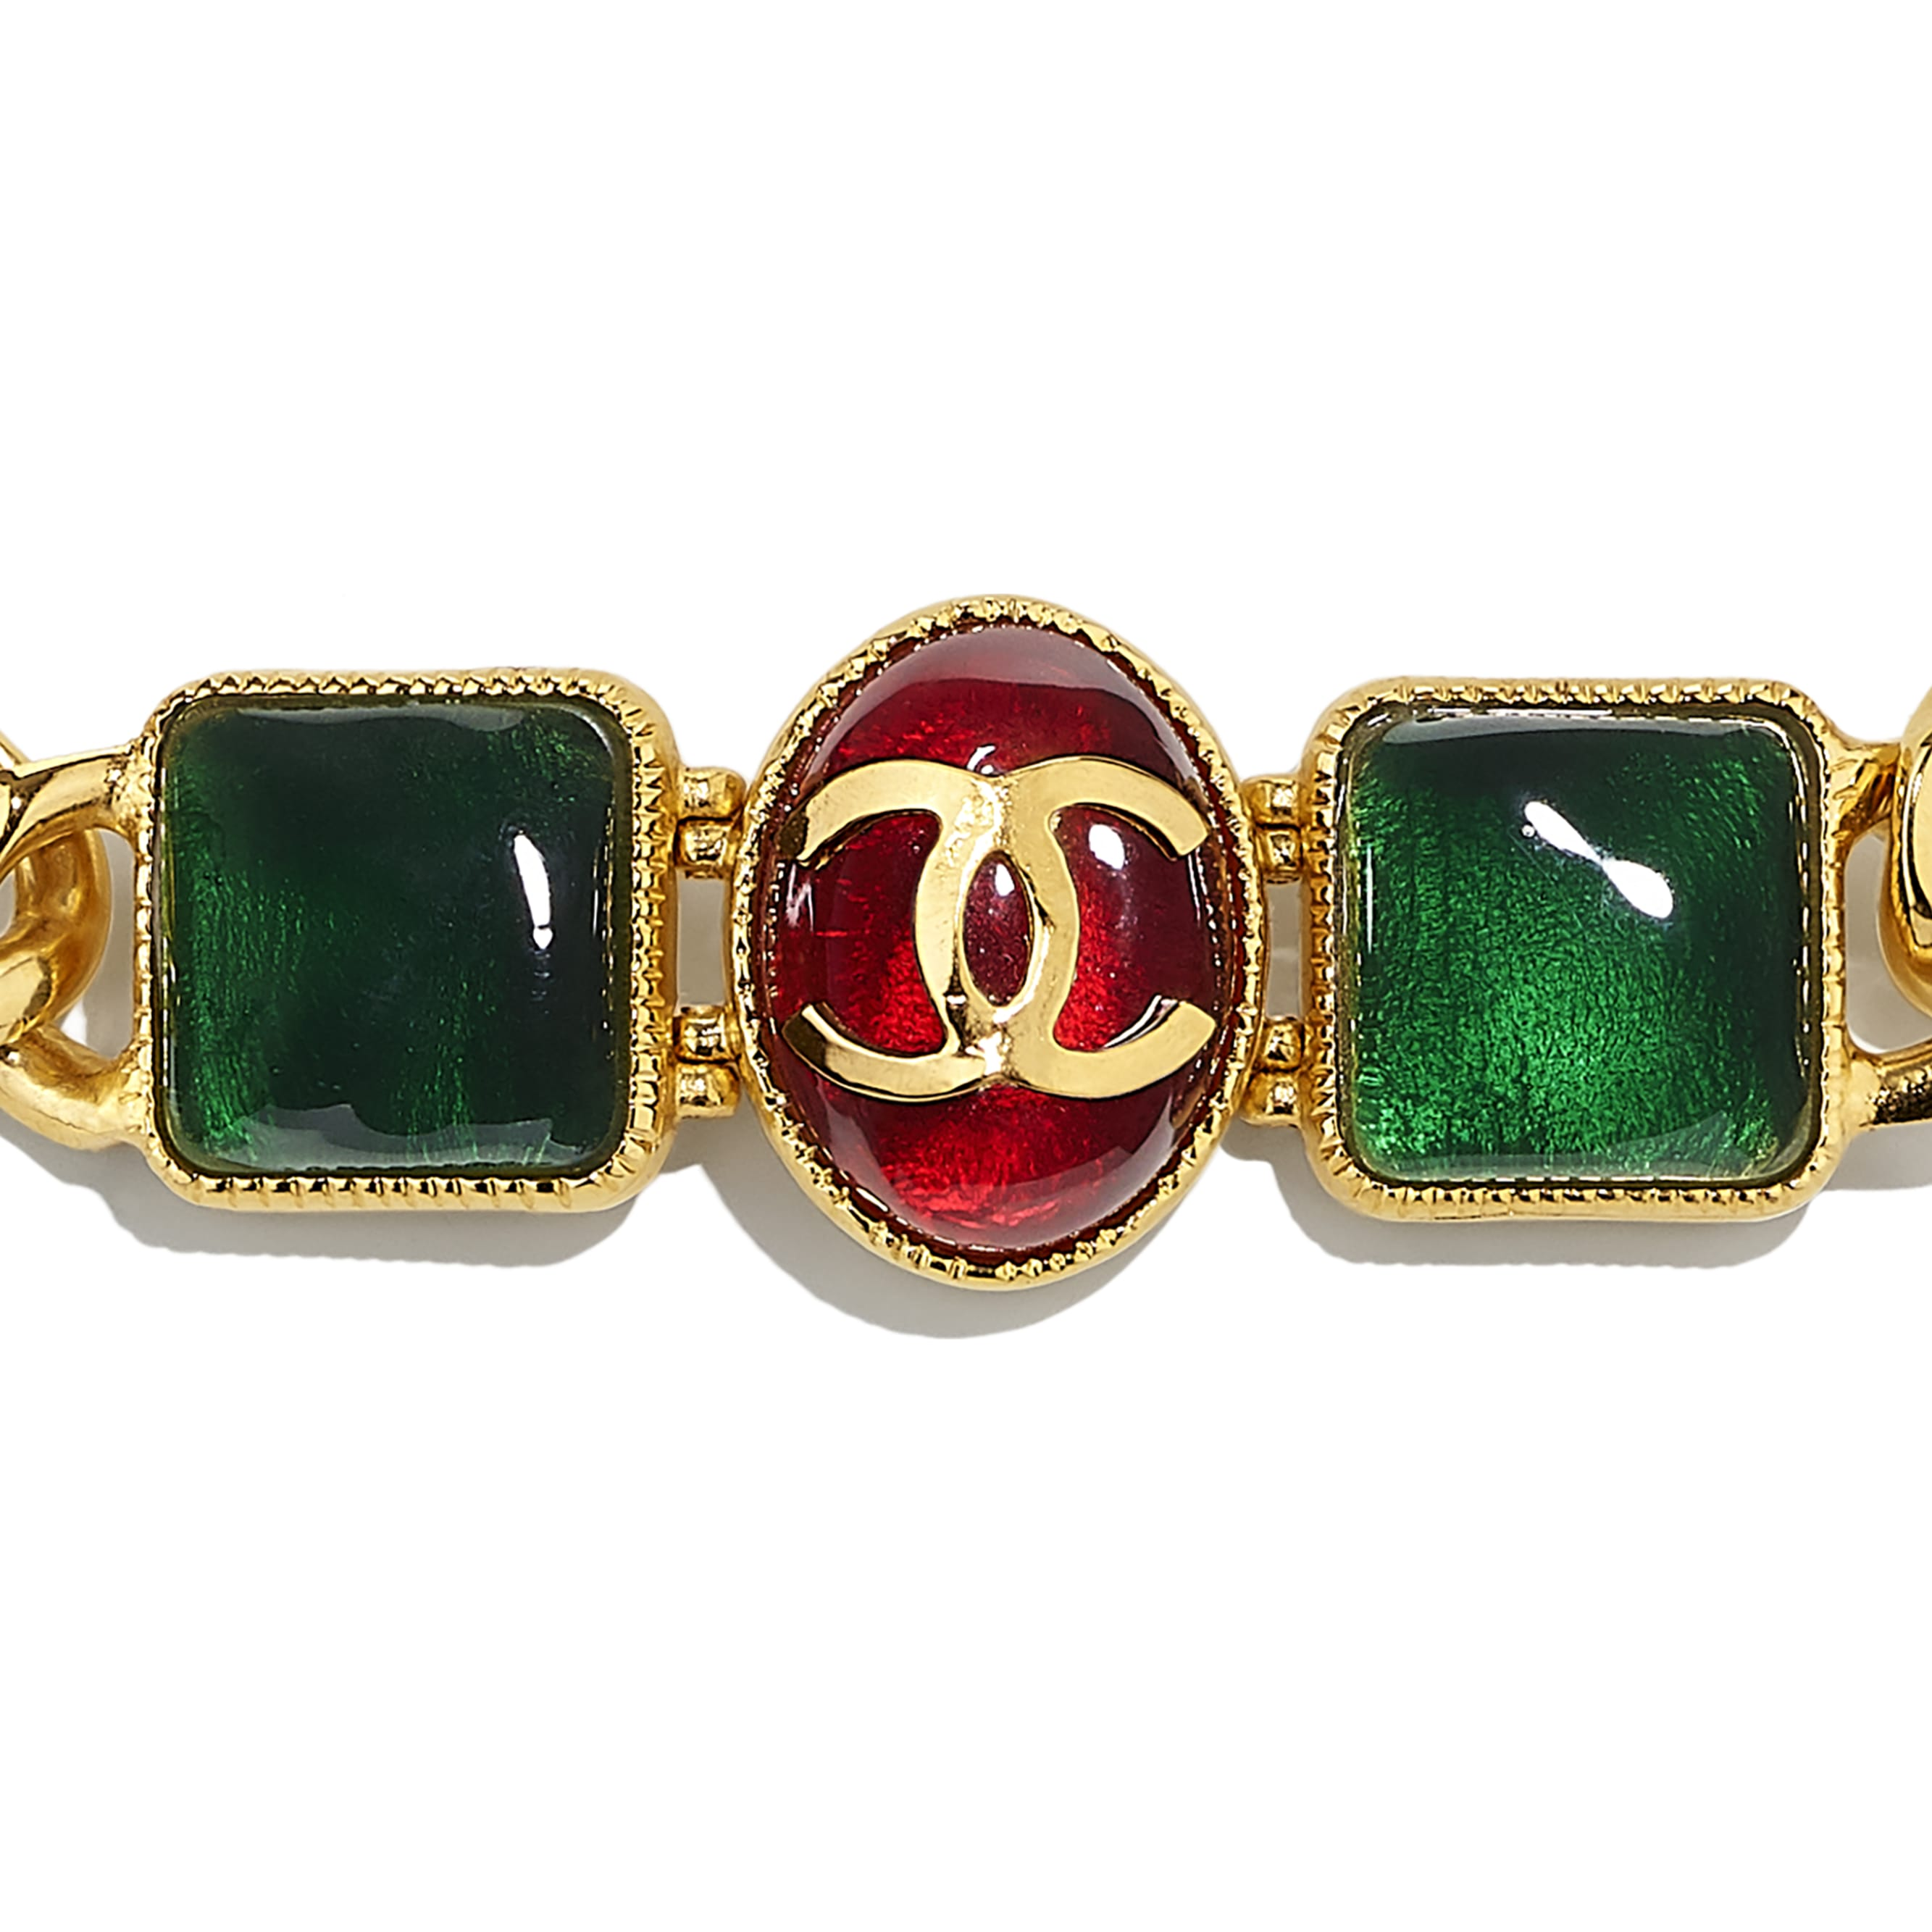 Halskette - Goldfarben, Grün, Bordeaux & Rosa - Metall & Harz - CHANEL - Weitere Ansicht - Standardgröße anzeigen